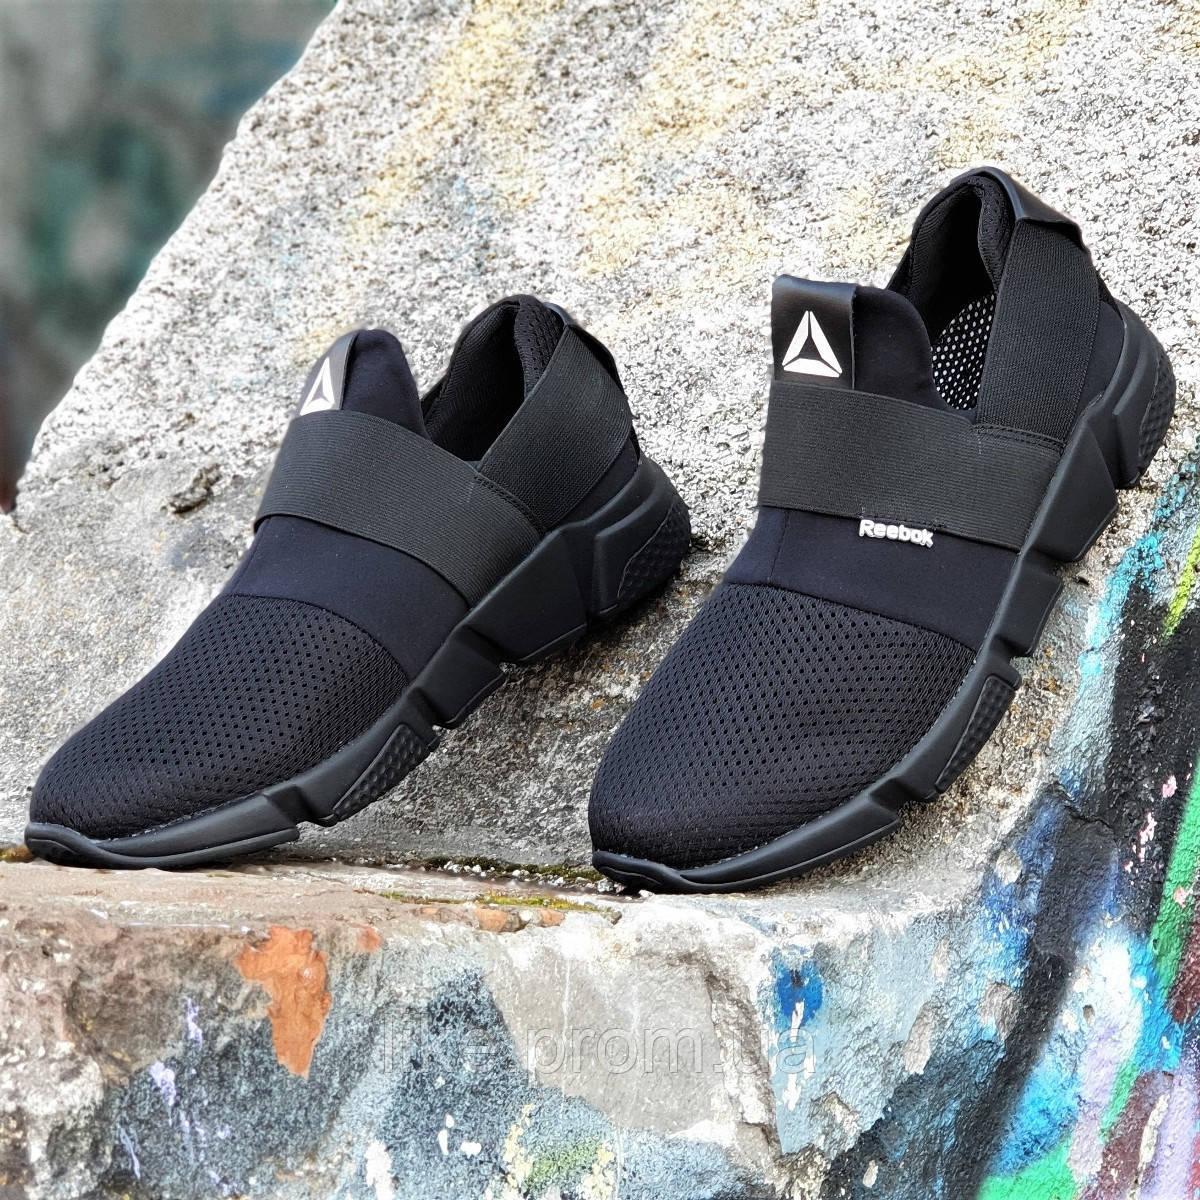 5abb87baecf6b Стильные мужские кроссовки сетка черные, прочные и удобные, на весну лето,  резинки для